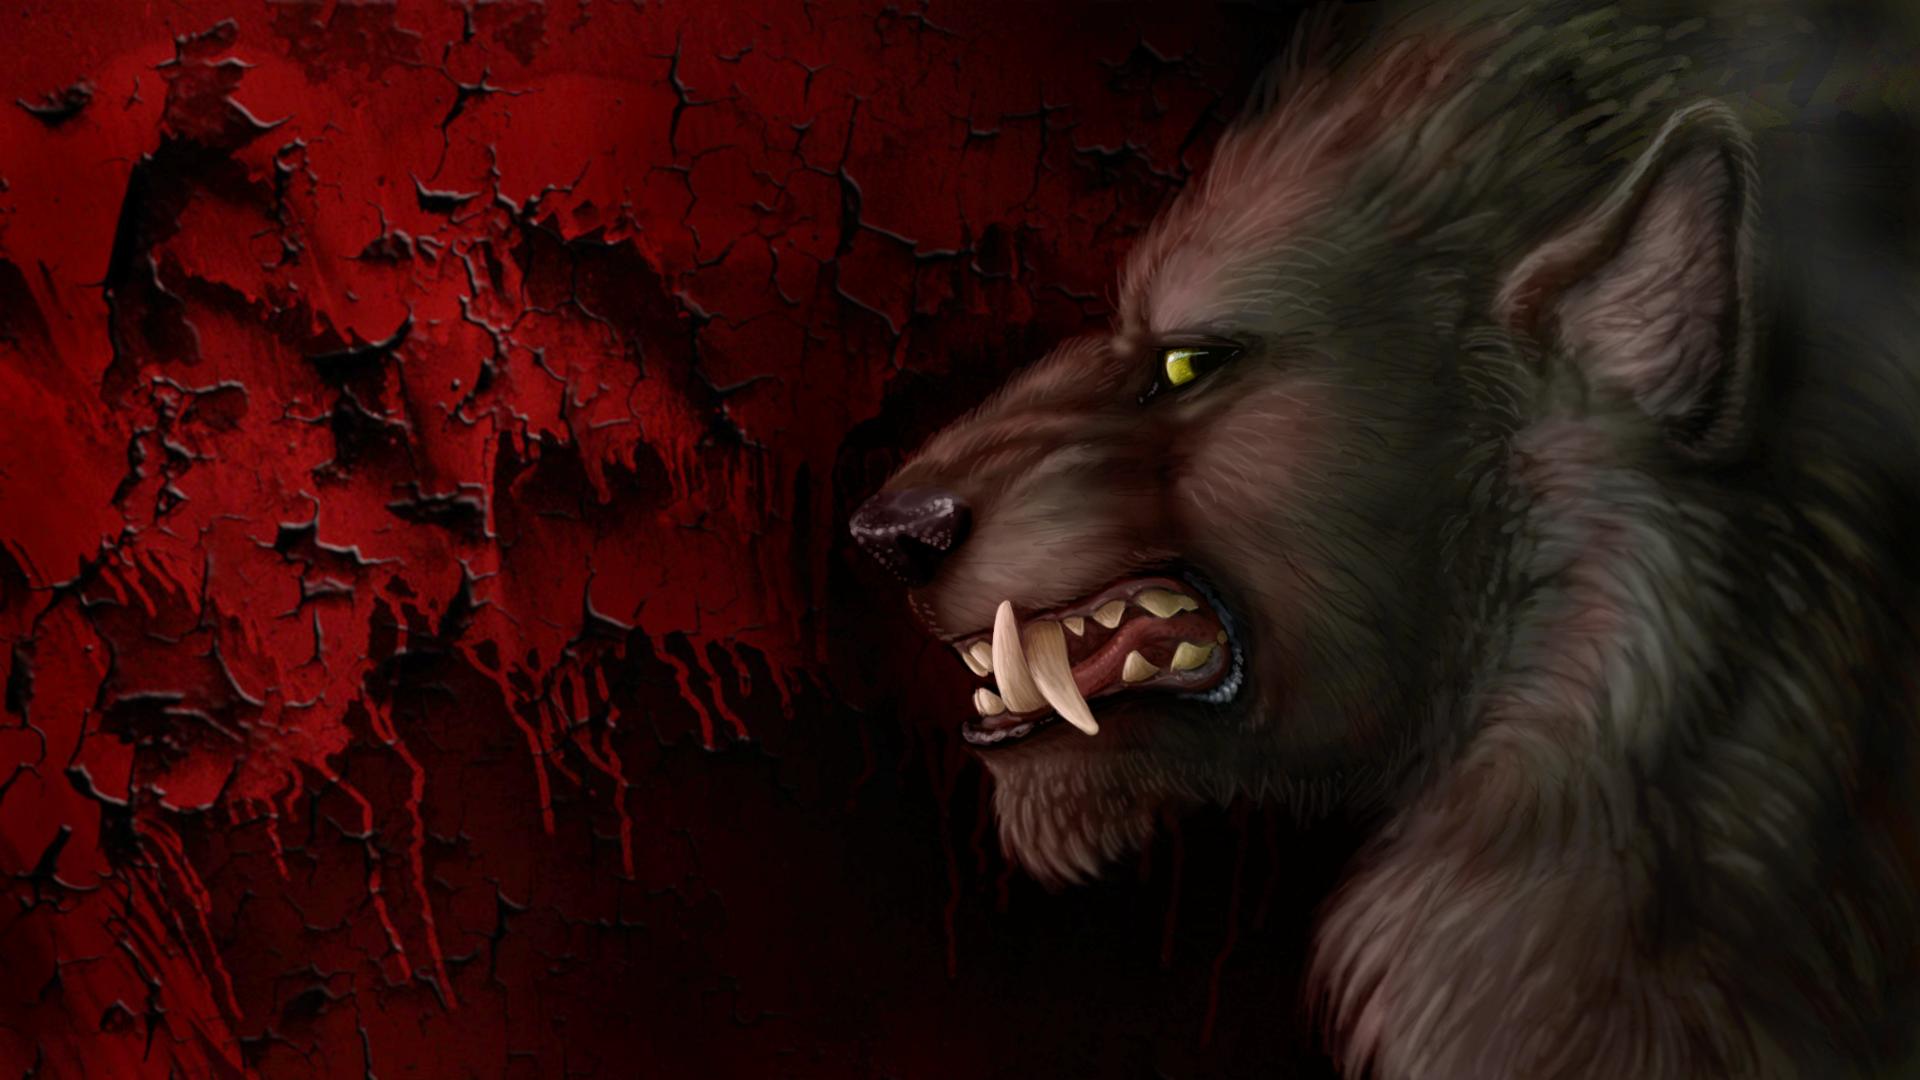 Werewolf Wednesday Wallpaper by Viergacht